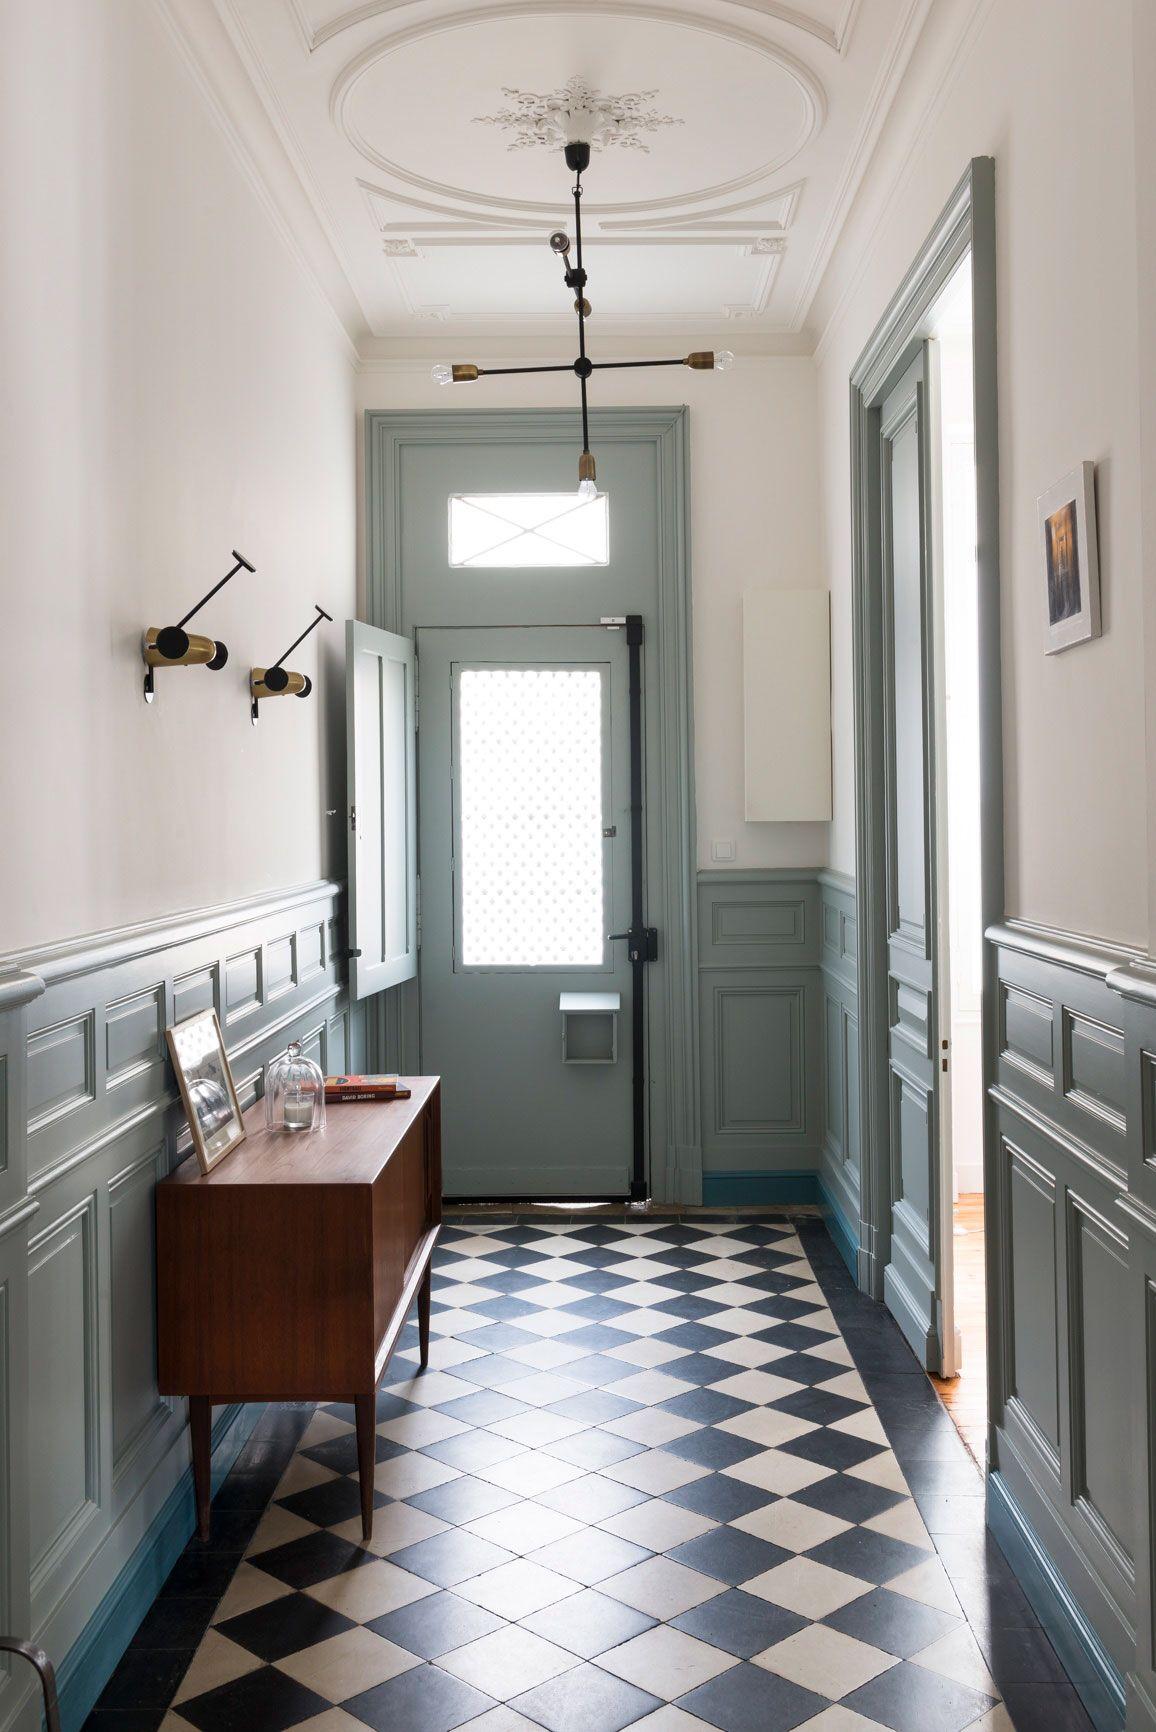 Épinglé par Andrea Brouillette sur Home | Pinterest